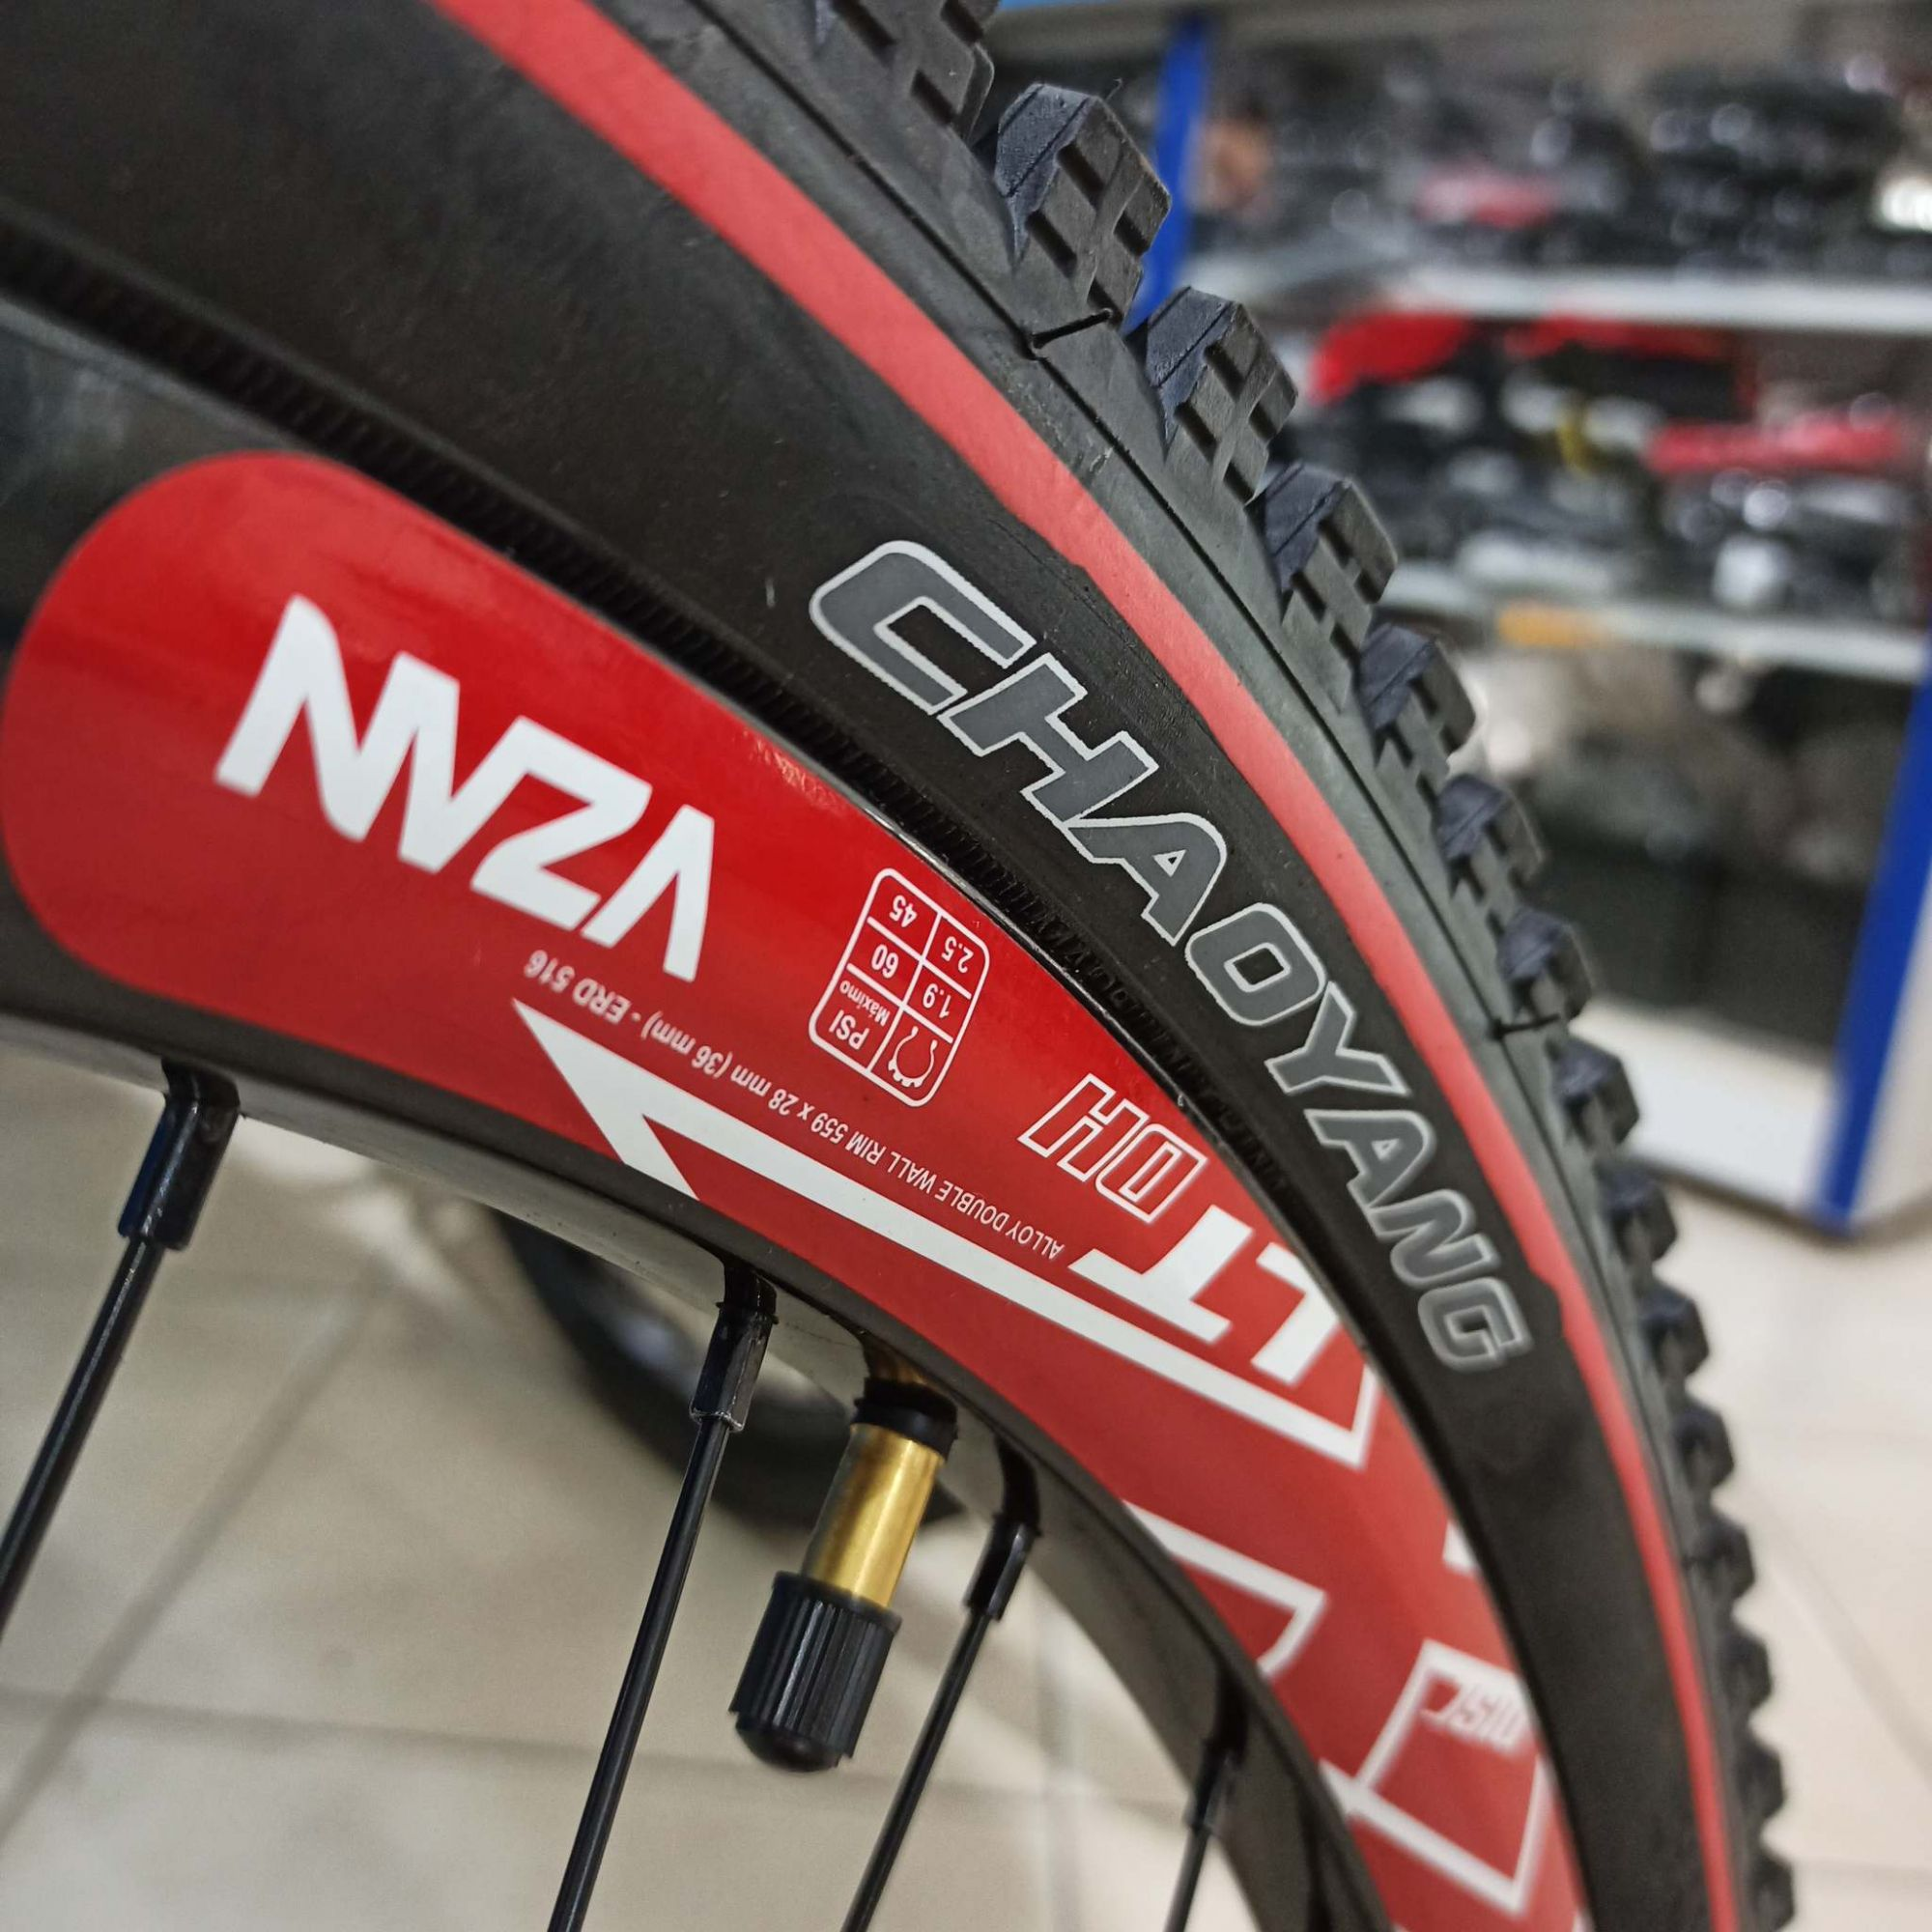 Bicicleta GIOS 4Freaks aro 26 - 9v Shimano Altus com Central Integrado - Suspensão RST Dirt 130mm de curso